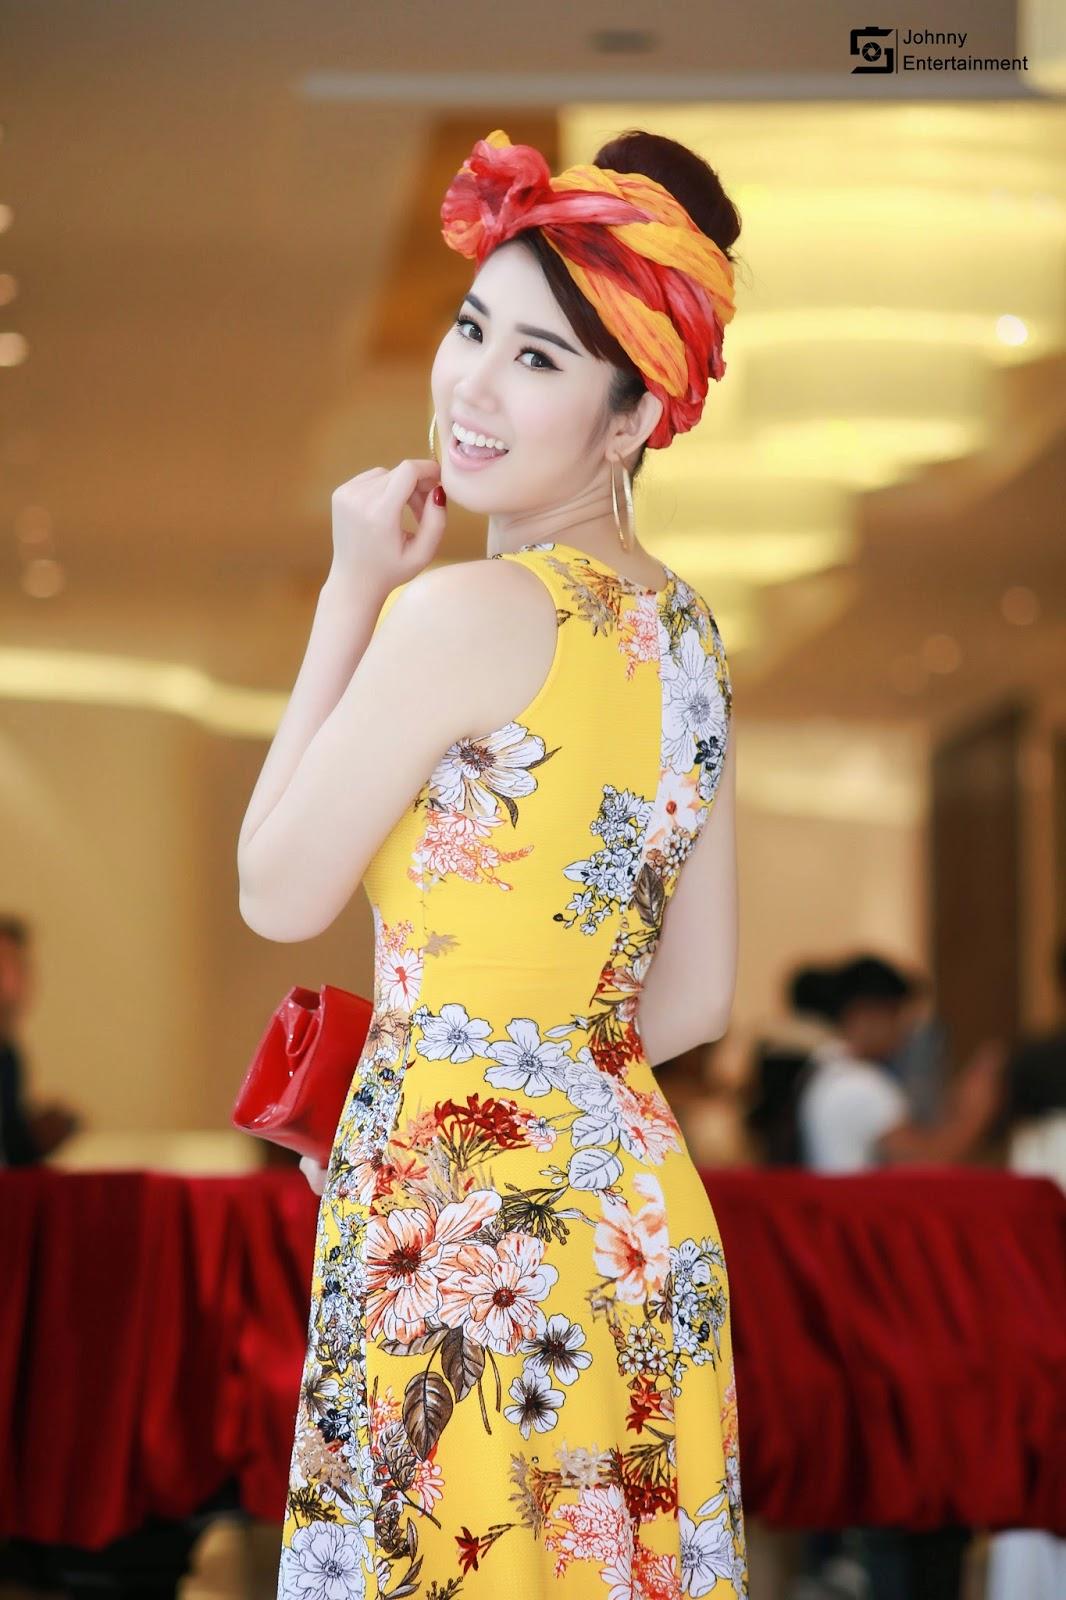 Á hậu Lê Huỳnh Thúy Ngân – Xinh đẹp gây hỗn loạn tại buổi họp báo